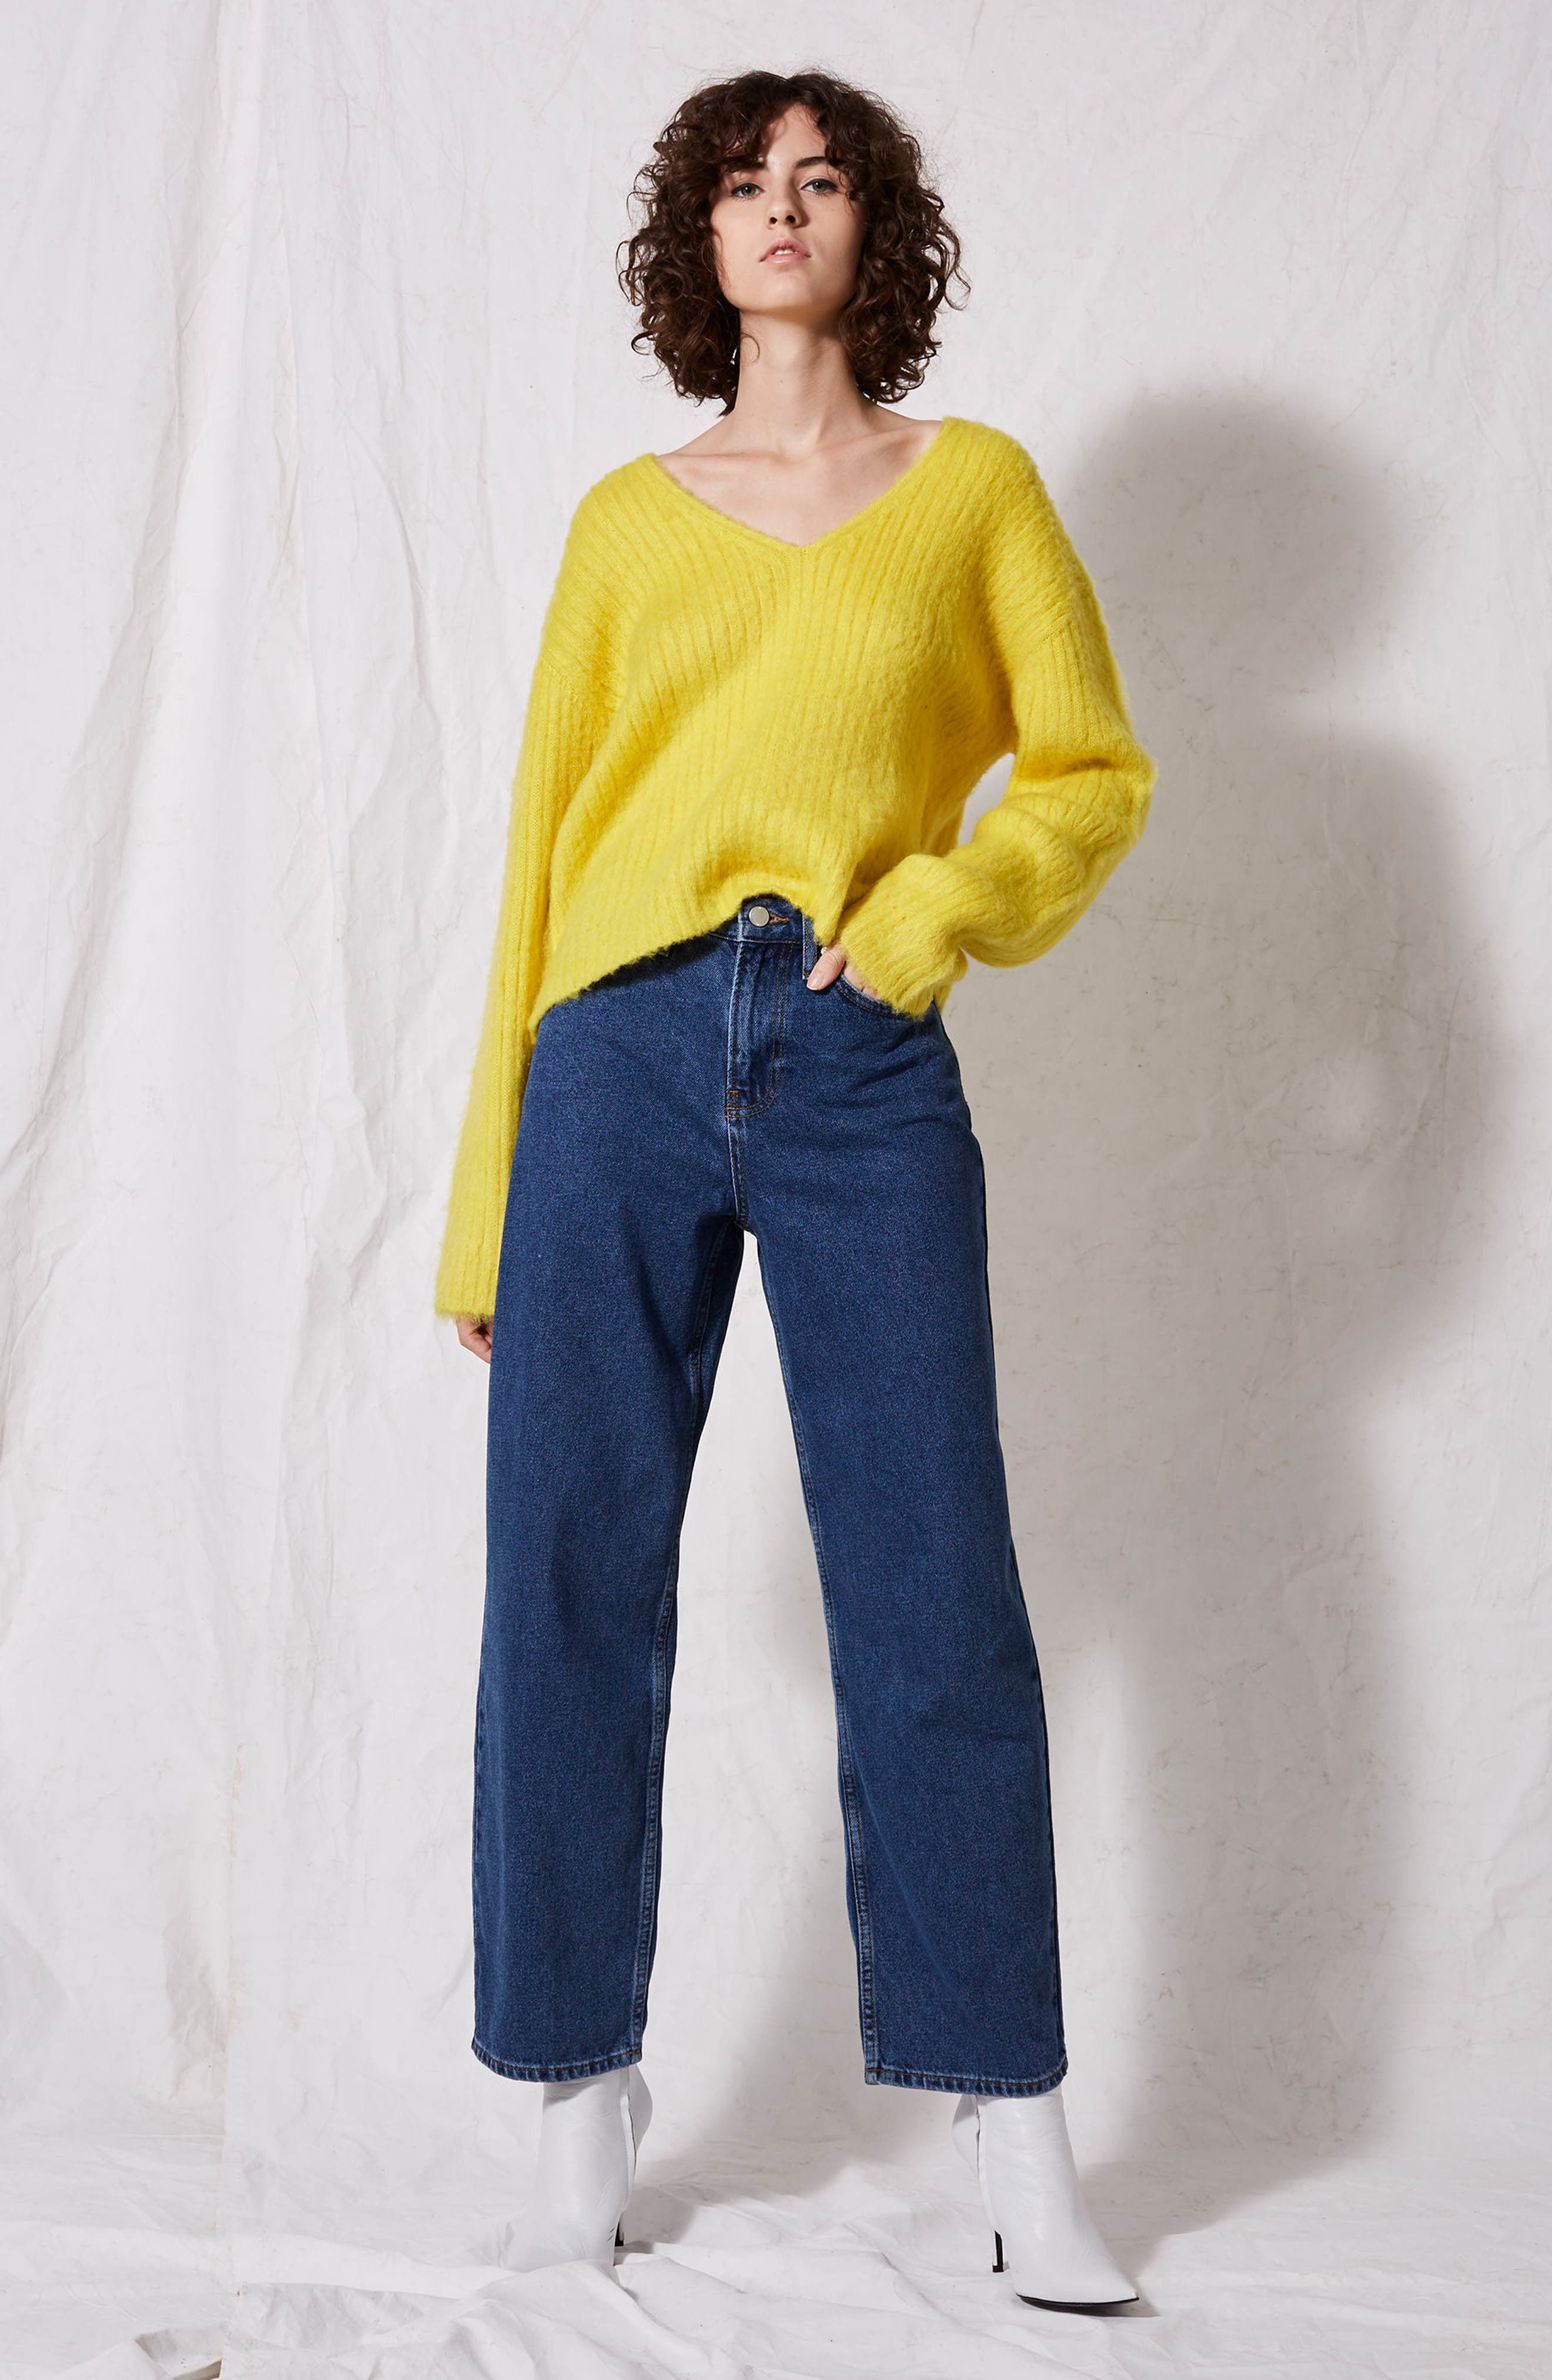 V-Neck Rib Sweater,                             Alternate thumbnail 10, color,                             700